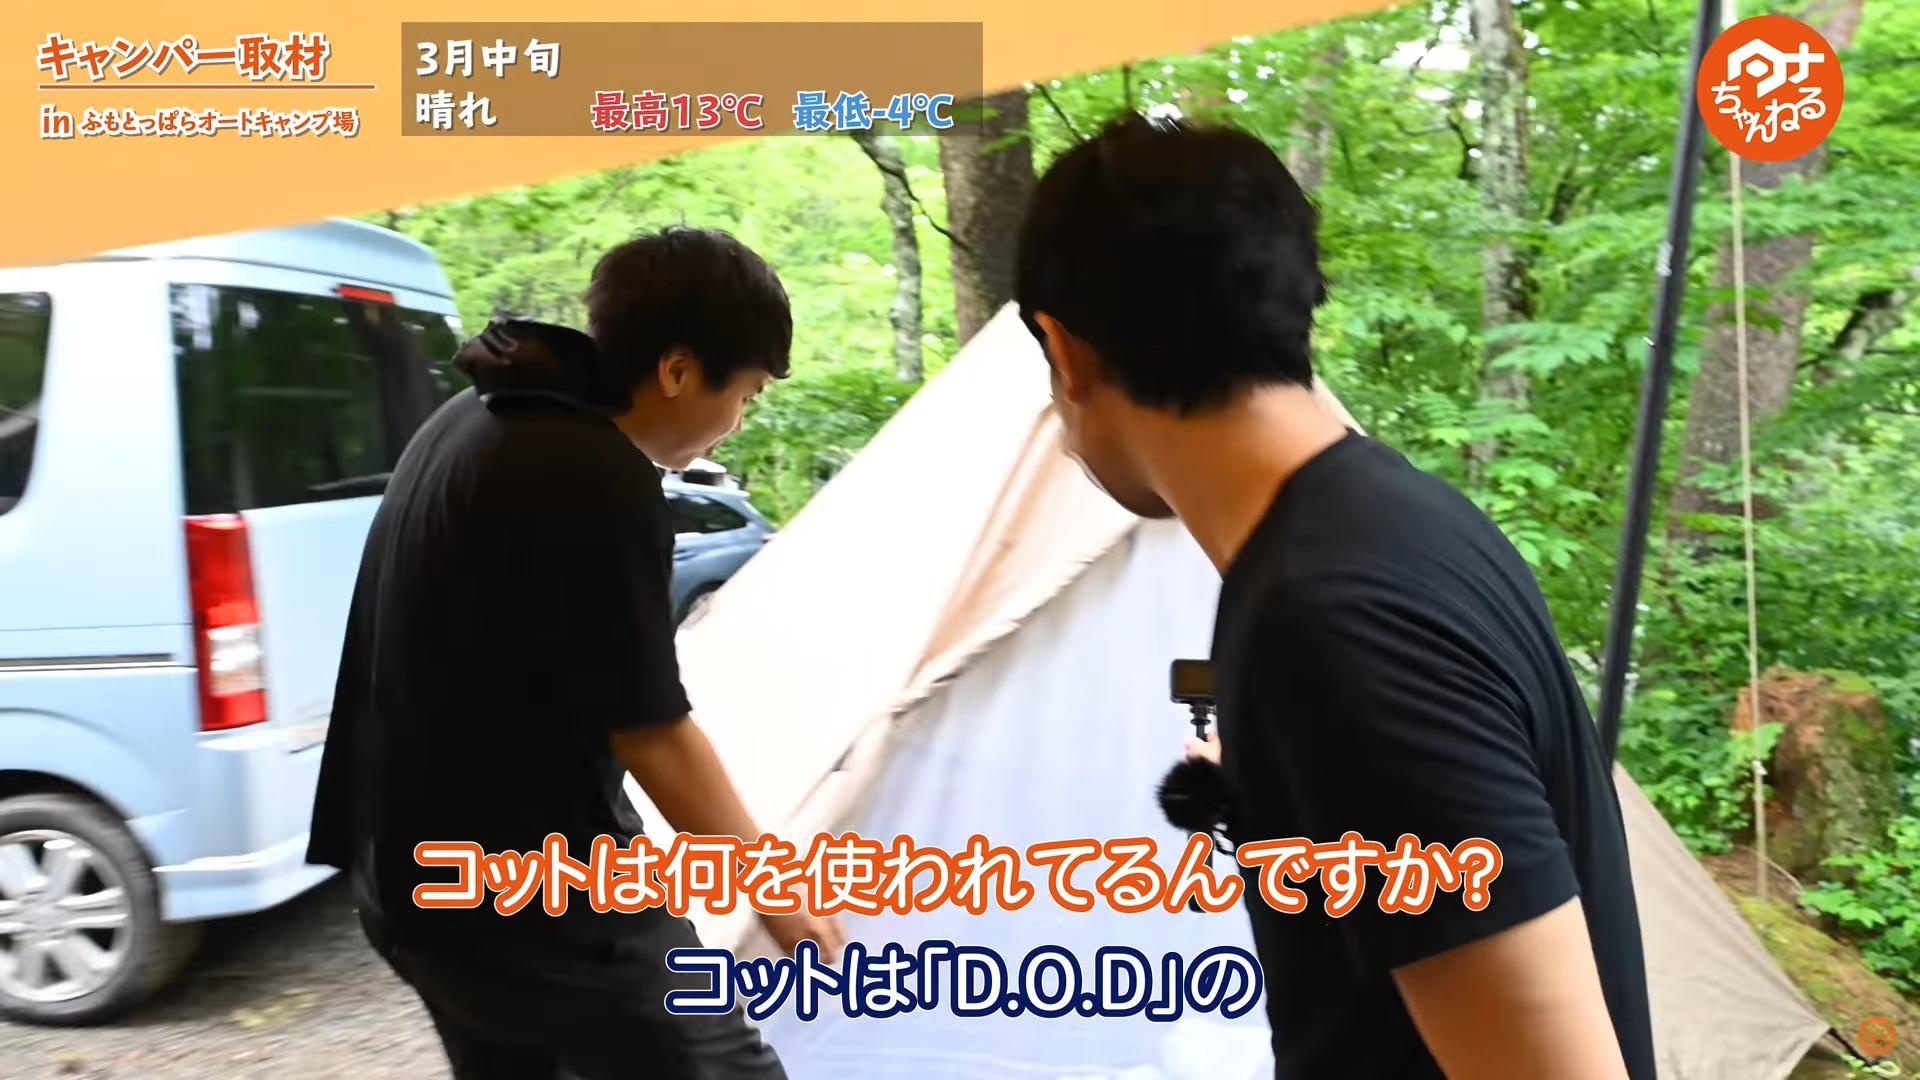 コット:【DOD 】